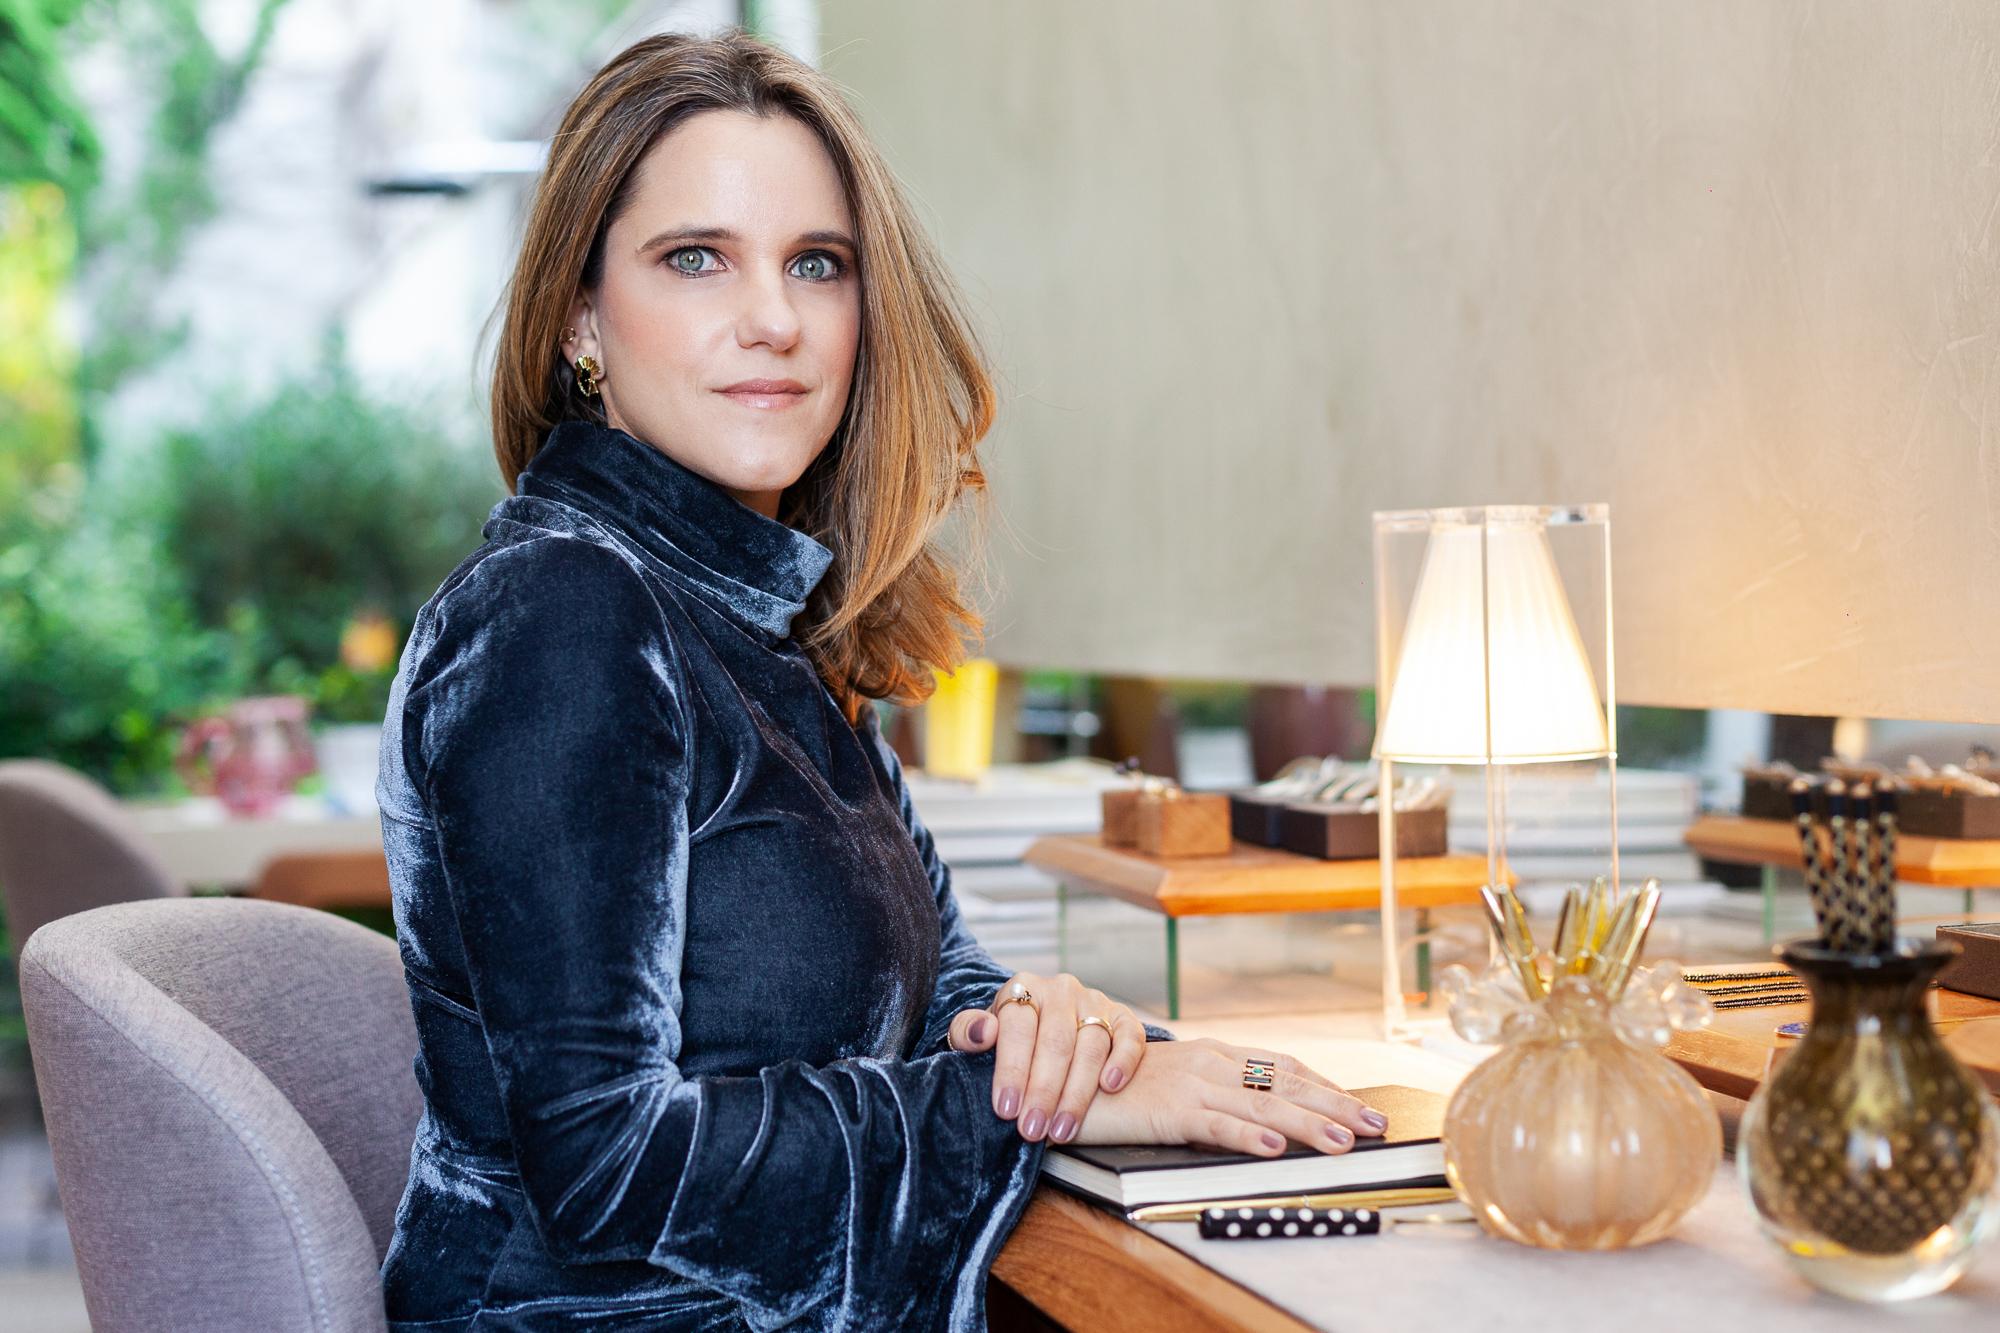 Priscila+Wolff+F%C3%A9res designer+de+joias. - Interview: Priscila Wolff Féres, Designer de Joias